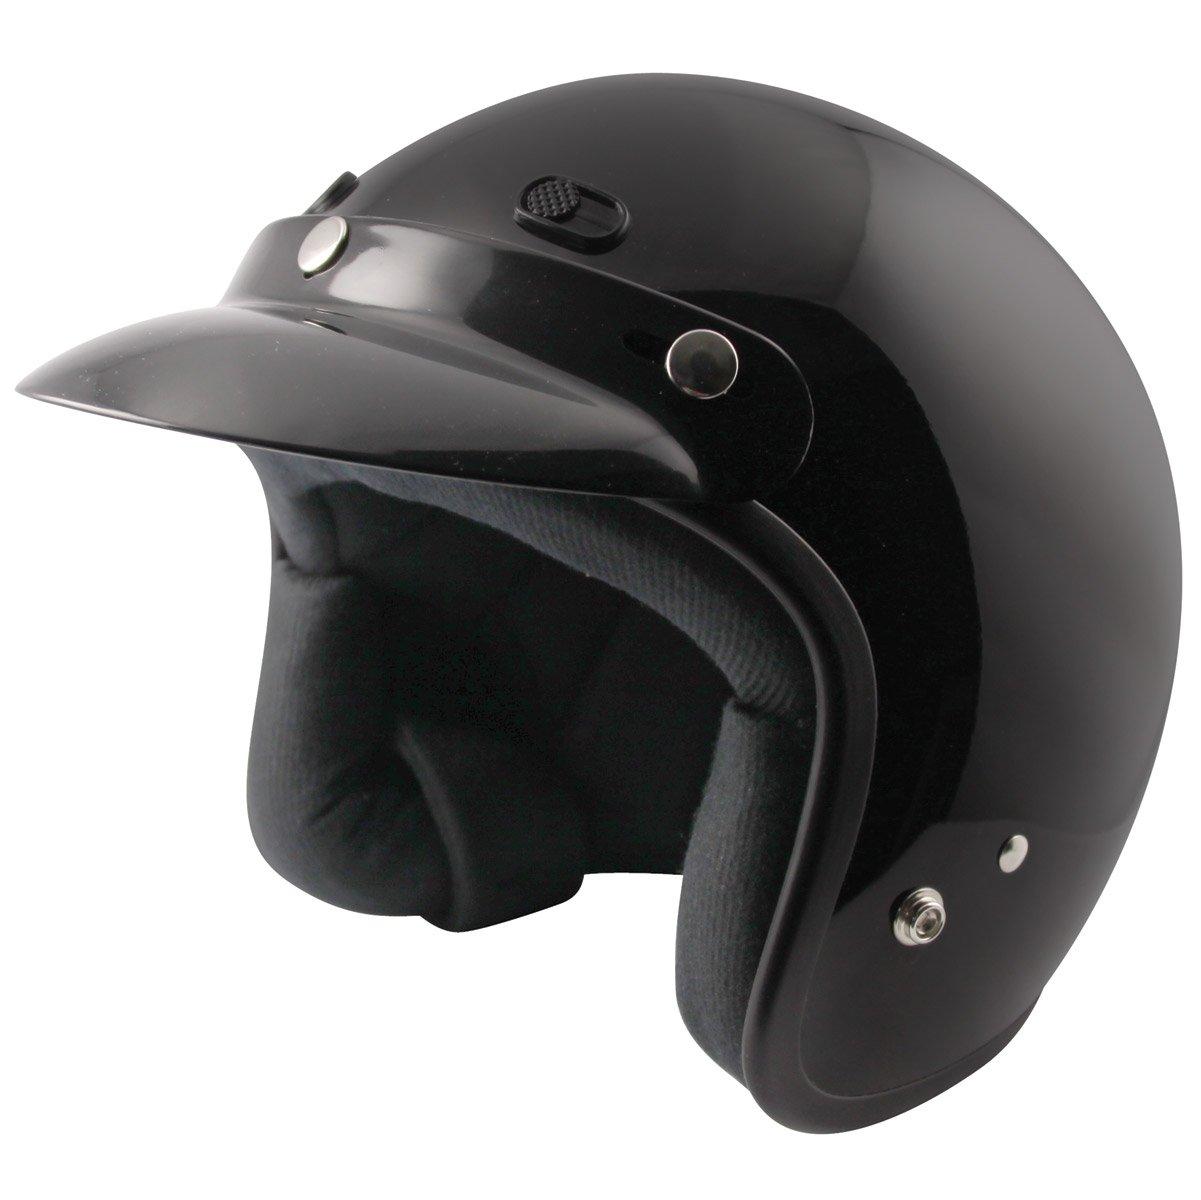 Zox クラシック 大人用 ハーレー ツーリング オートバイ ヘルメット - ソリッド光沢ブラック L ブラック  Large